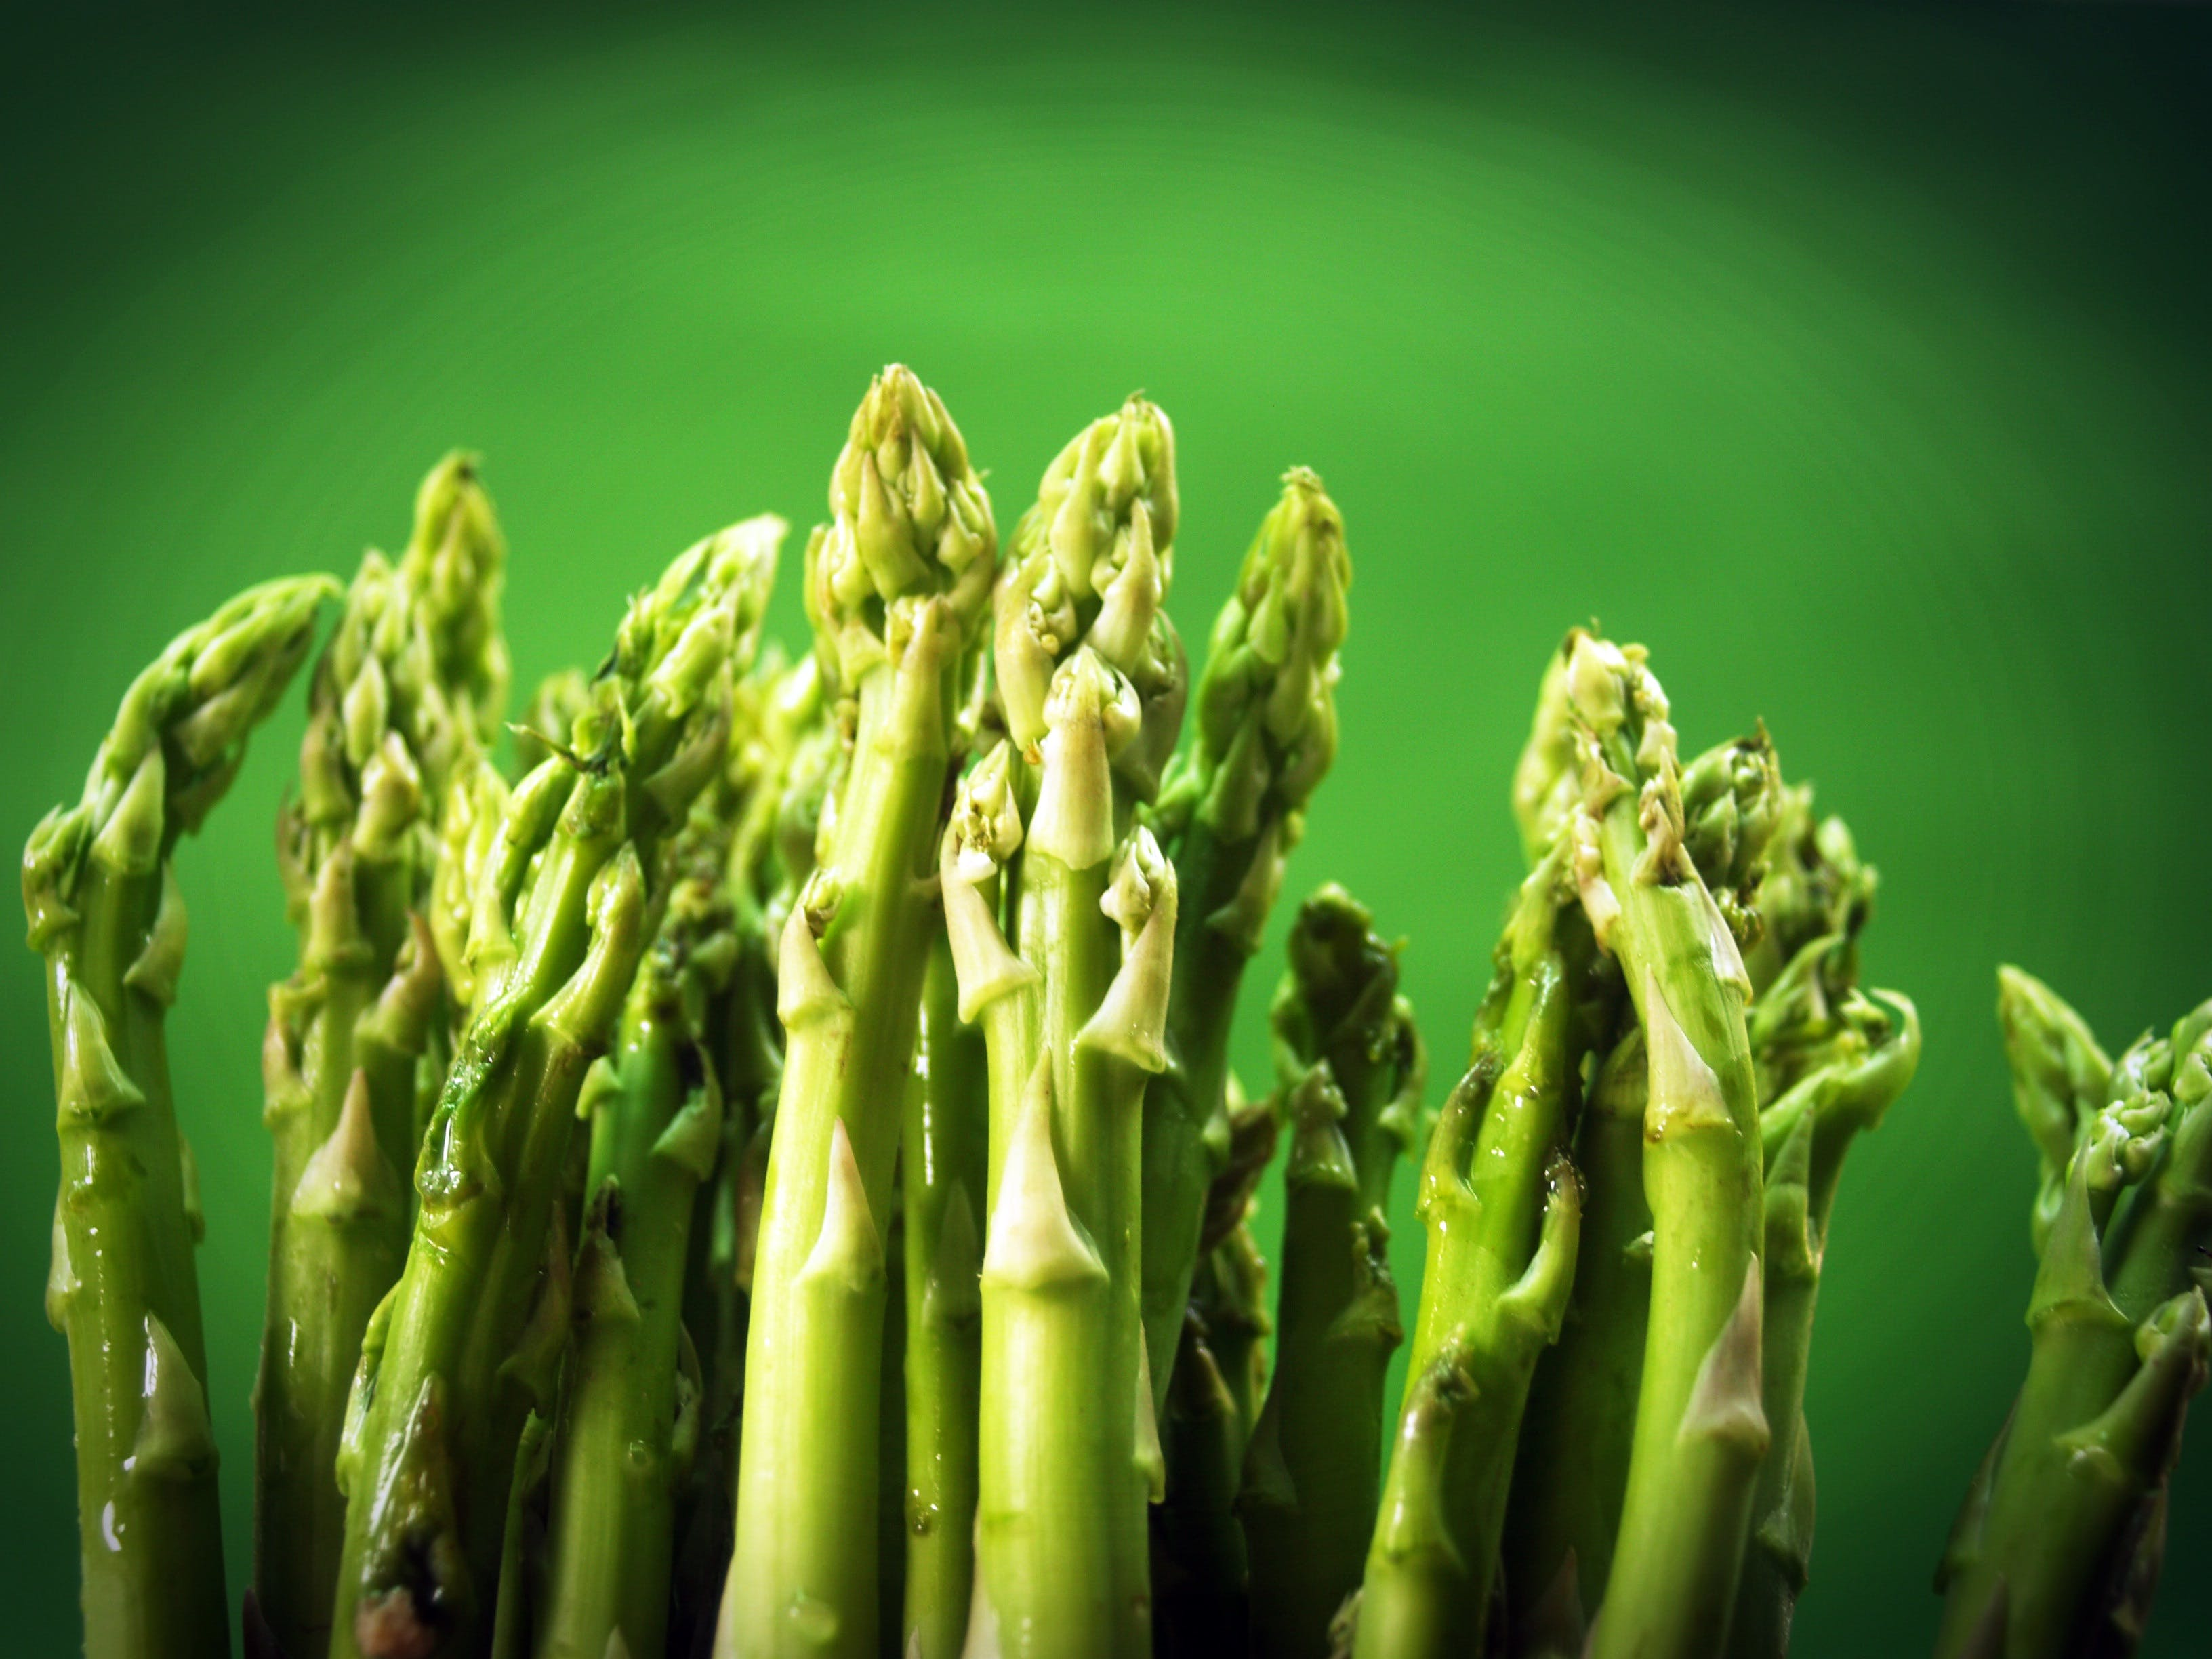 Gratis arkivbilde med asparges, bunt, delikat, farge